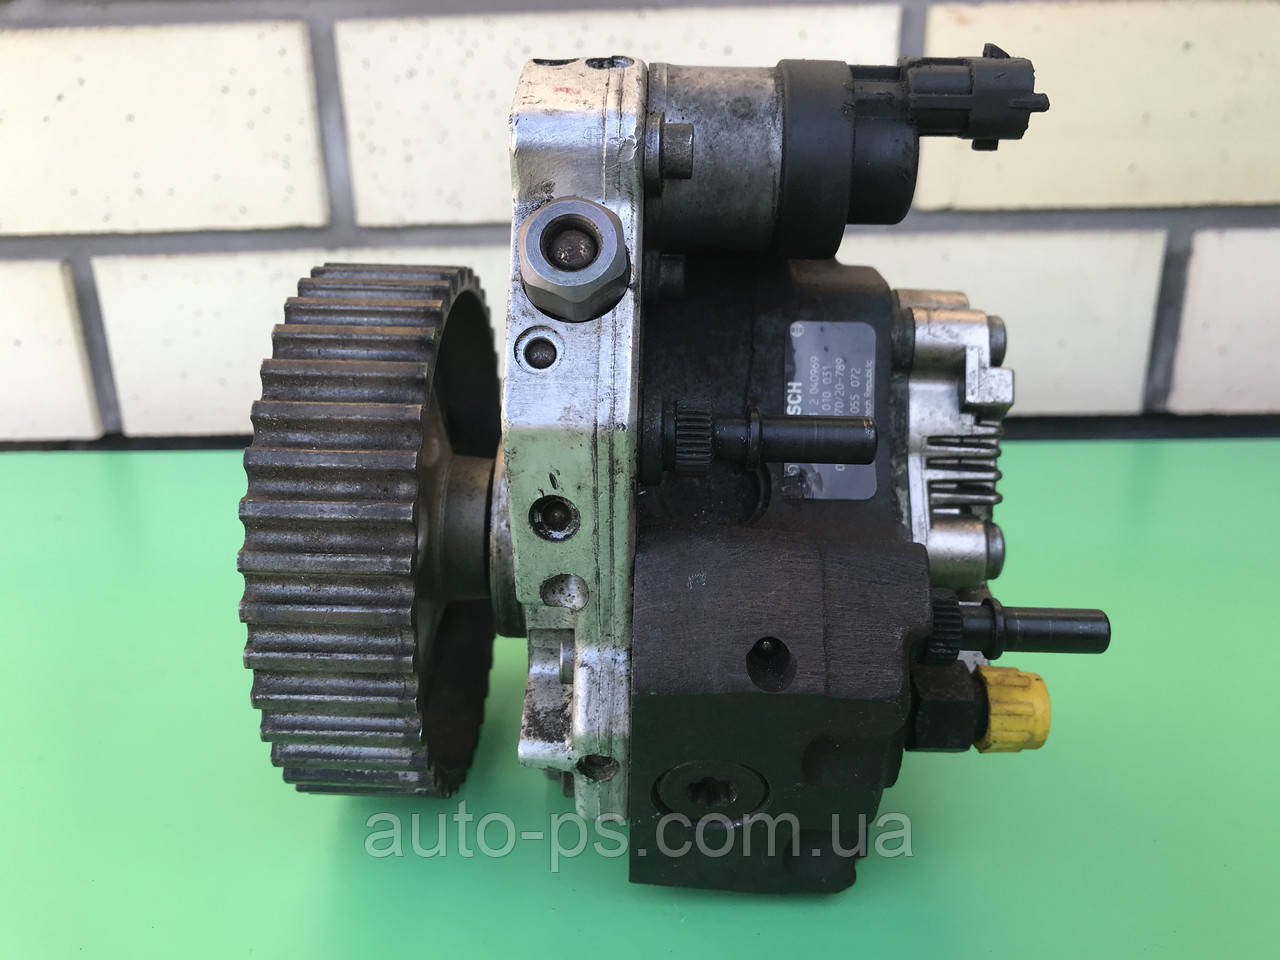 Топливный насос высокого давления (ТНВД) Renault Scenic II 1.9dCi